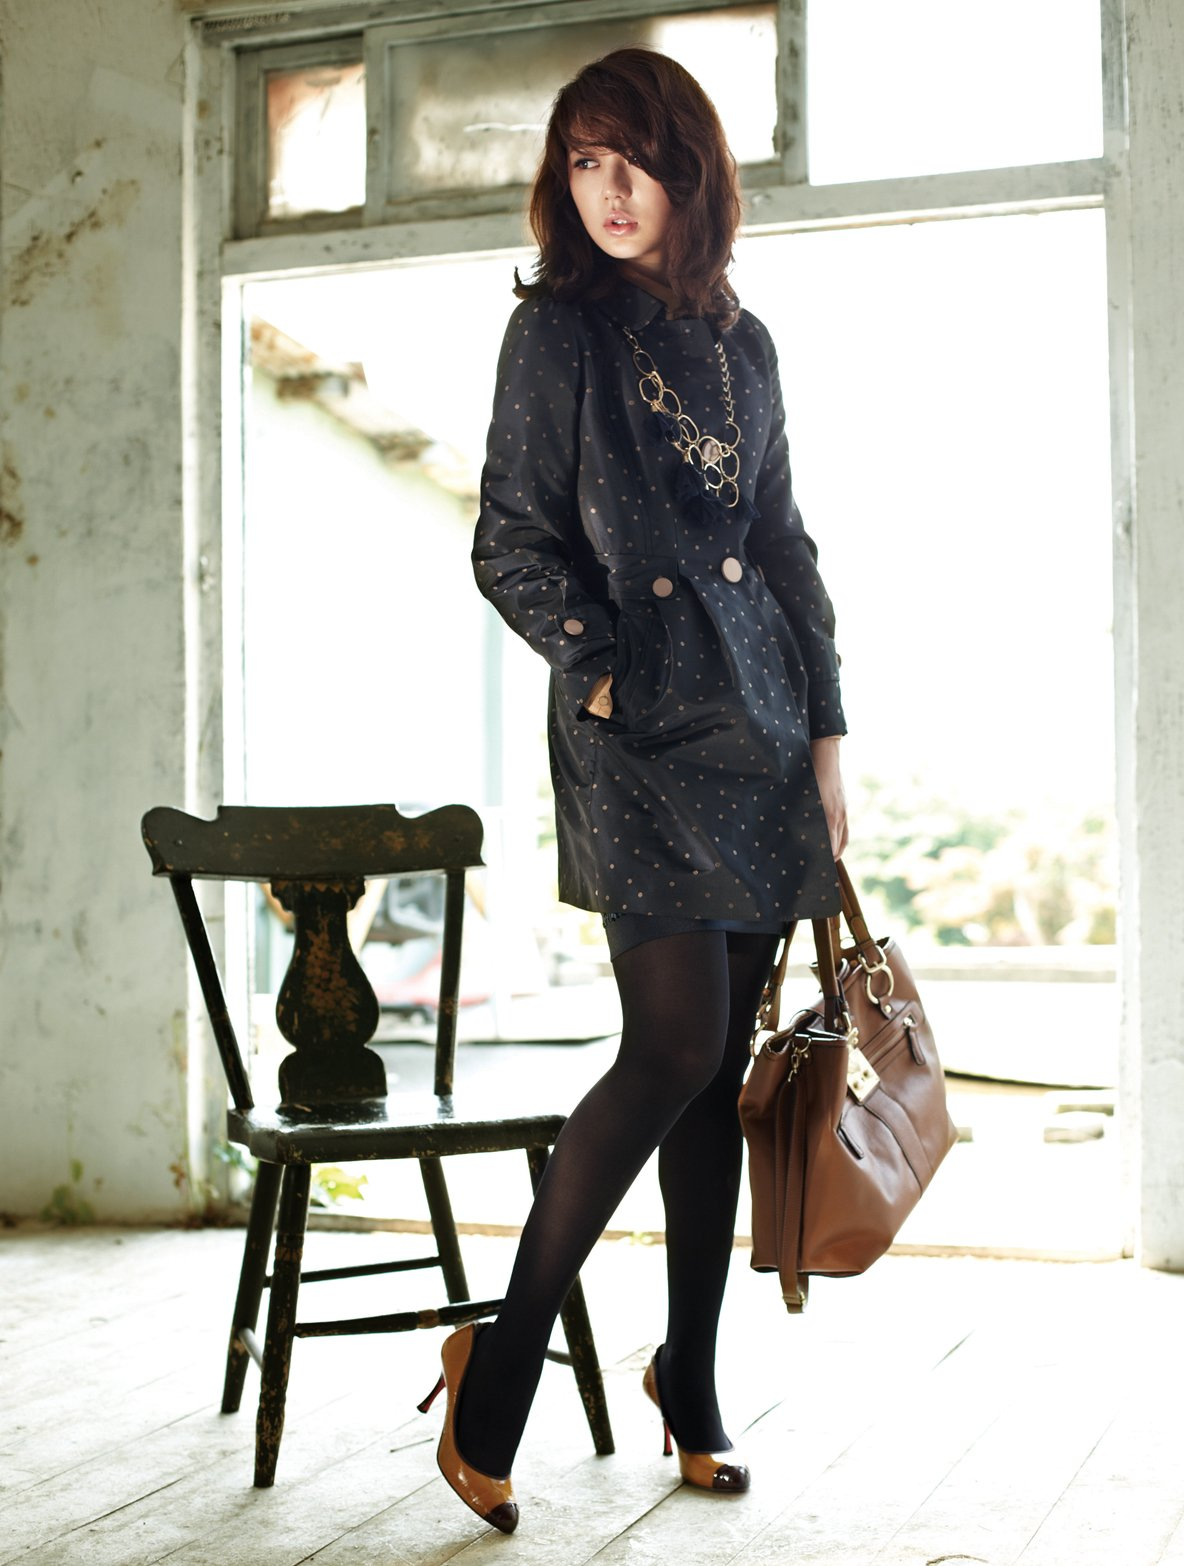 Yoon Eun Hye Joinus Fashion Dara 2ne1 Photo 32340303 Fanpop